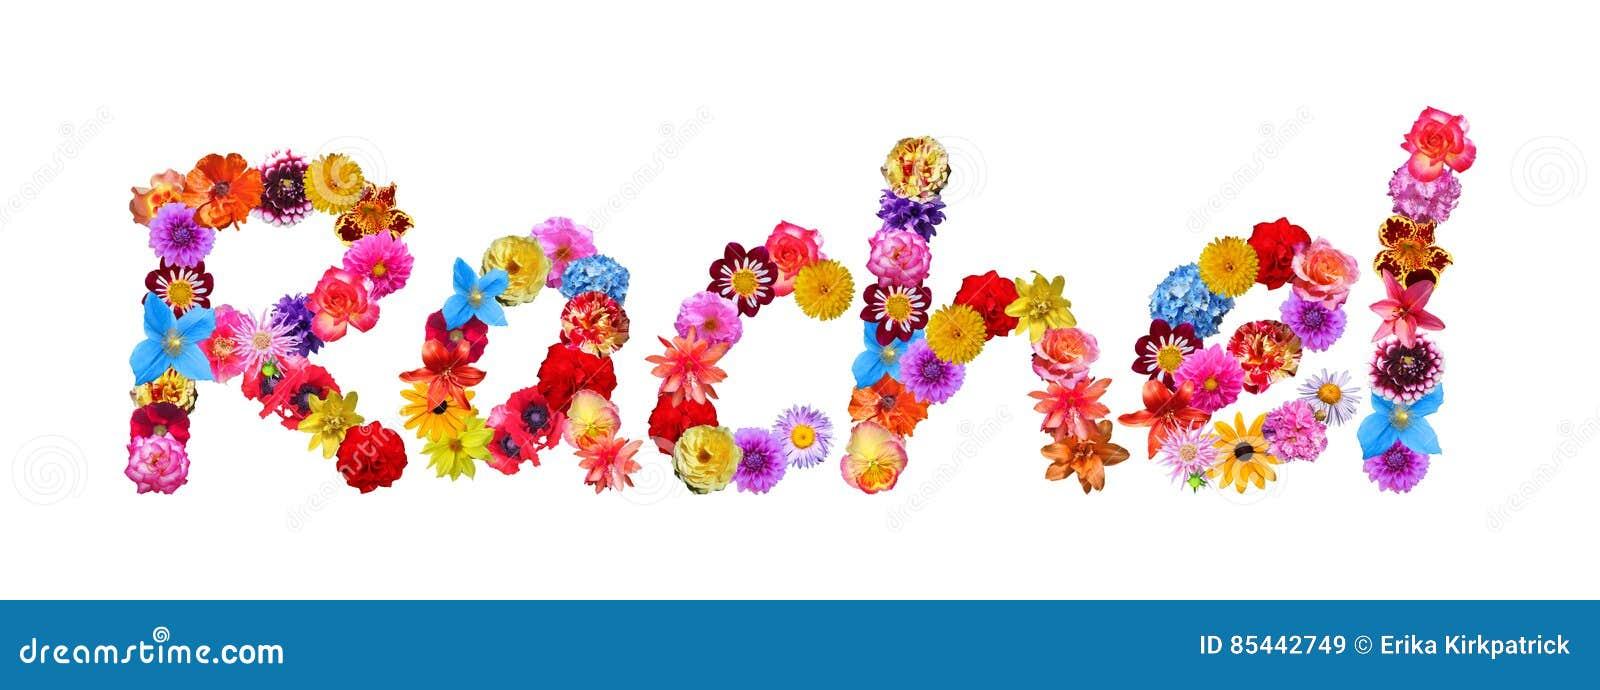 flowers name rachel stock illustration illustration of banner